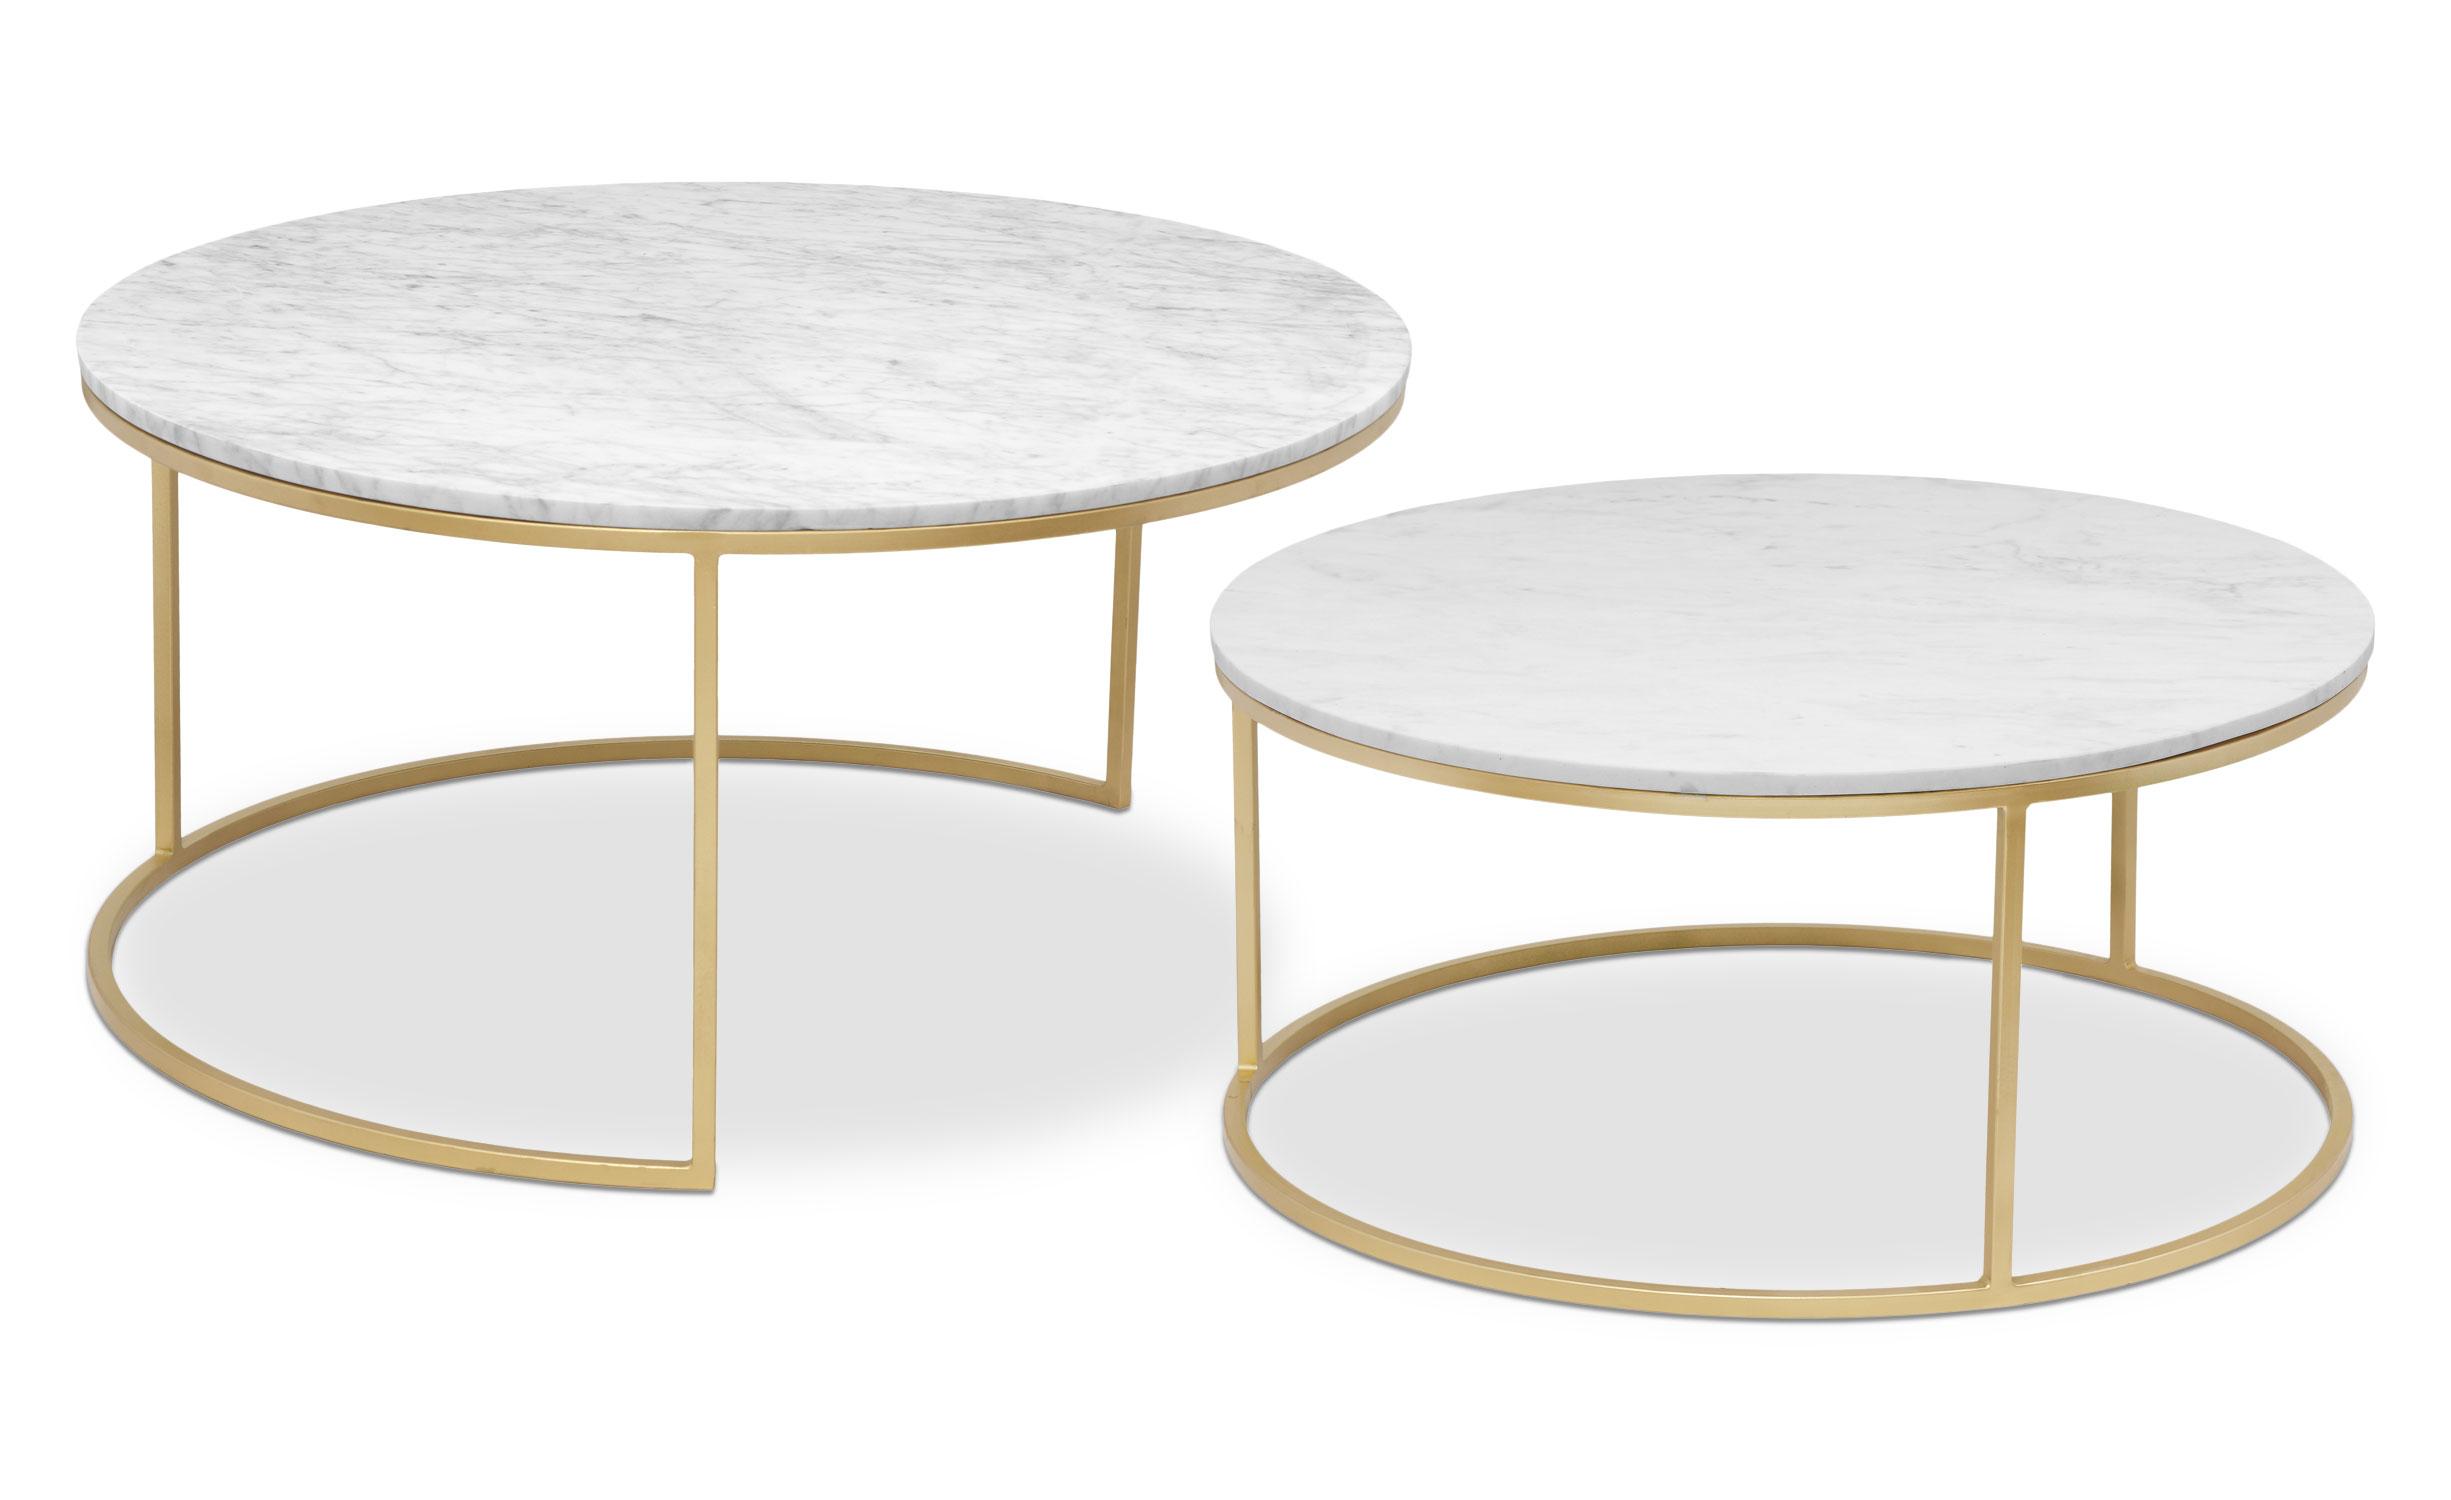 2er-Set Artik XL Couchtische aus goldfarbenem Metall und weißem Marmor